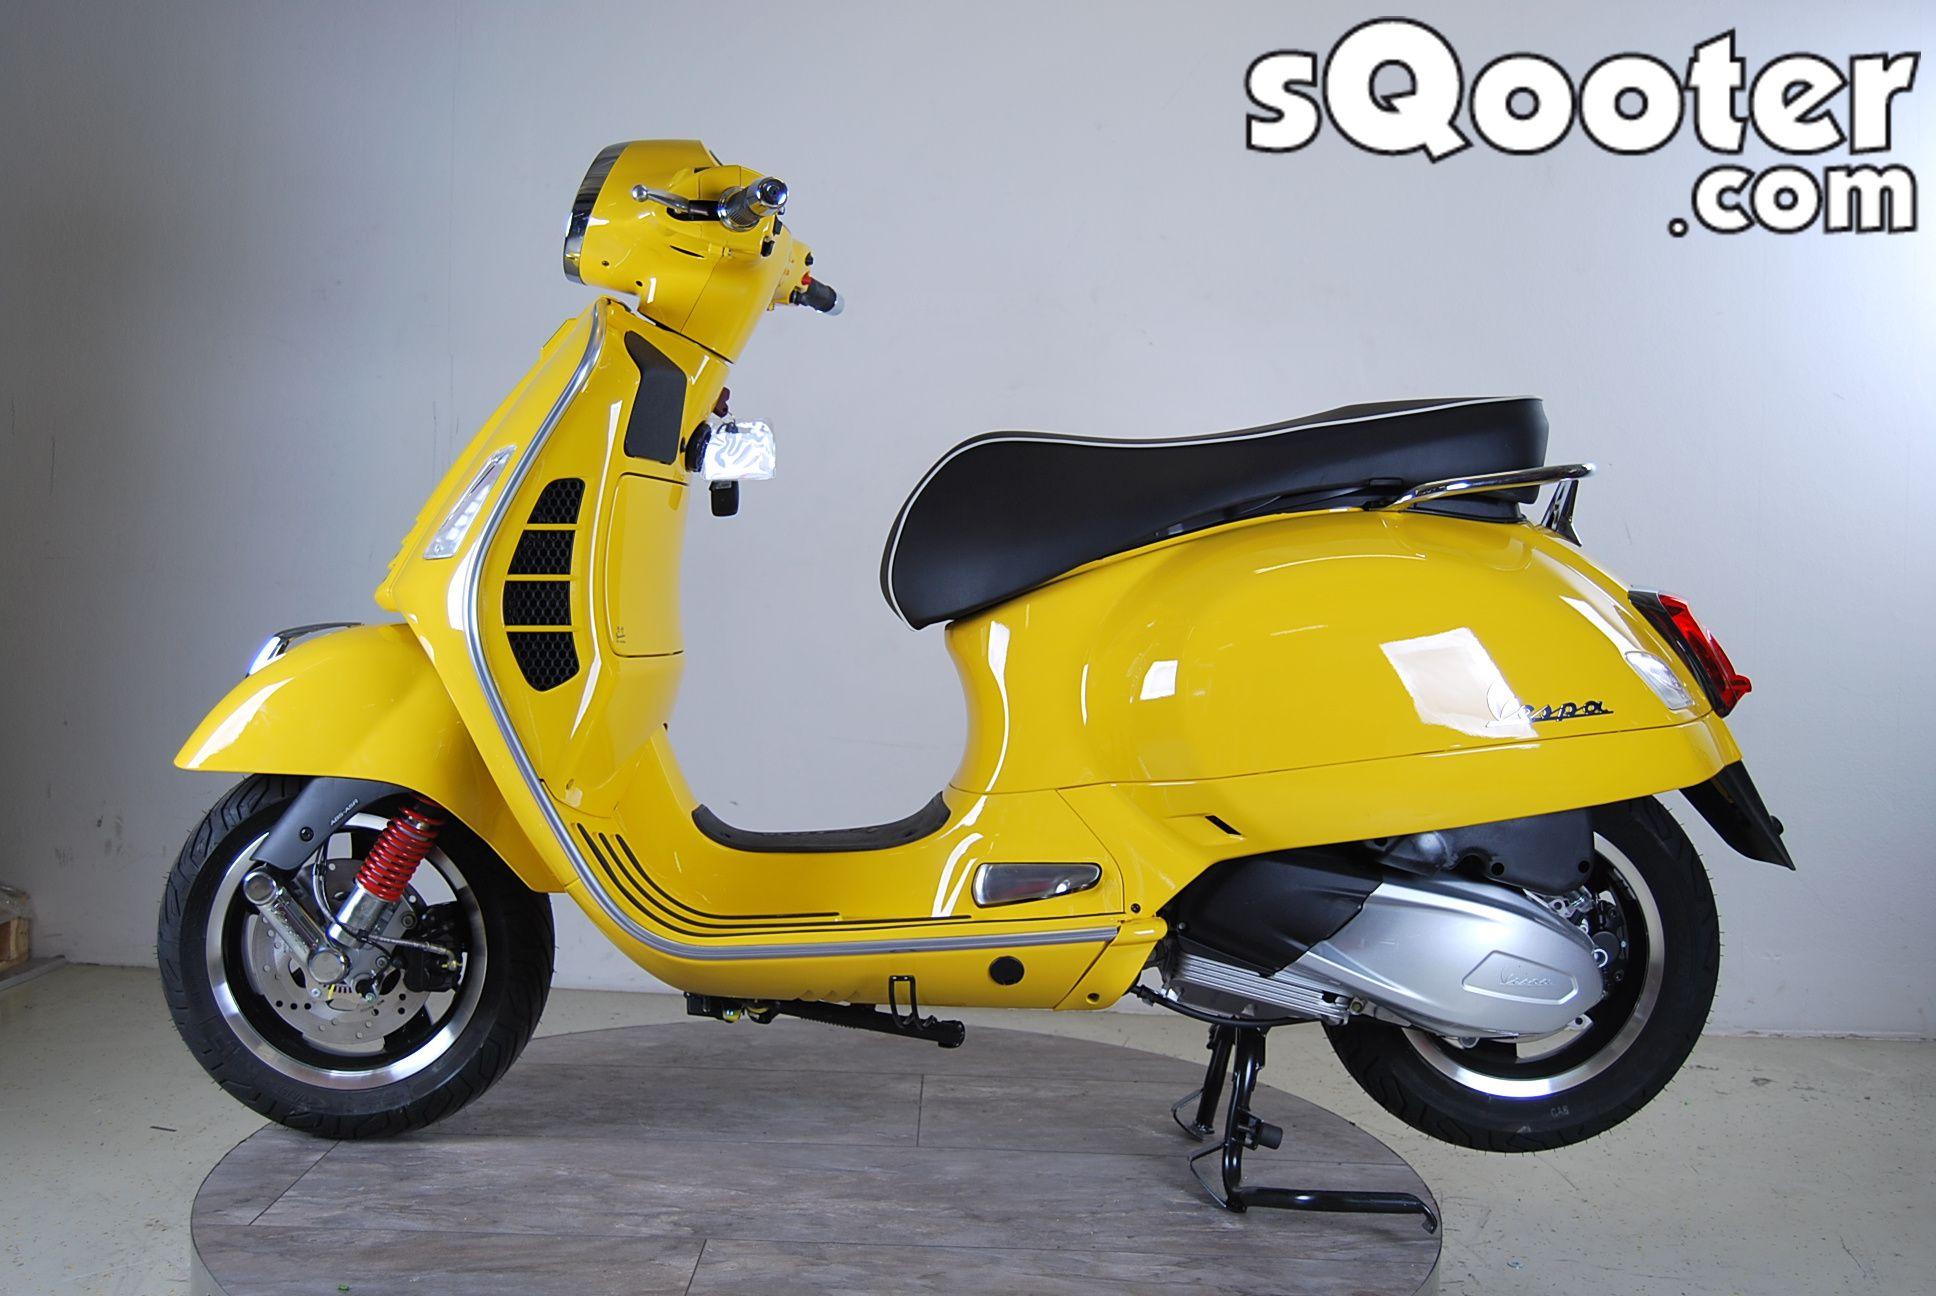 Vespa Sqooter Com